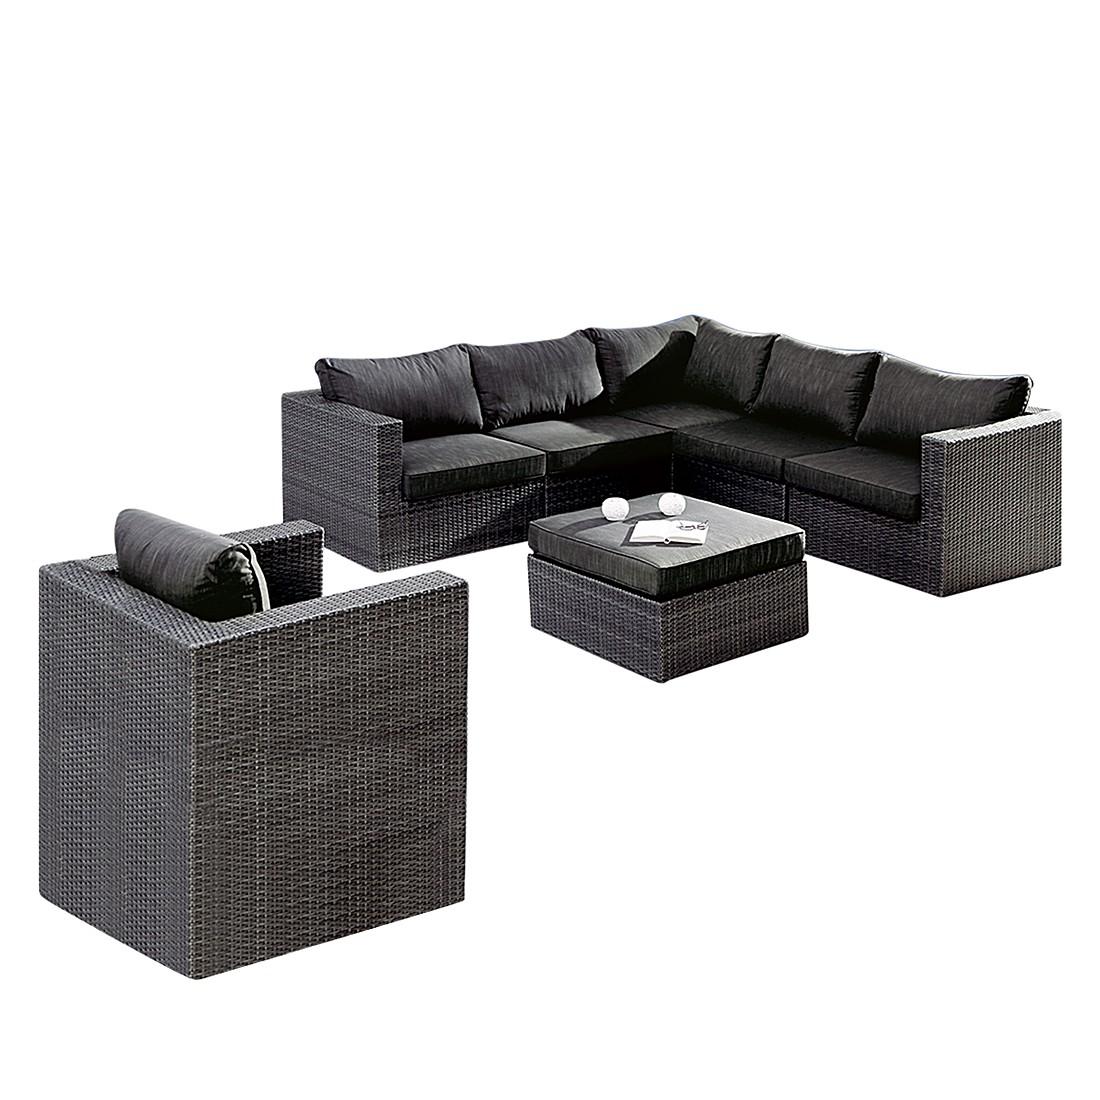 Lounge-Gruppe Aruba - (7-teilig) - Aluminium / Kunstfaser - Anthrazit, Best Freizeitmöbel